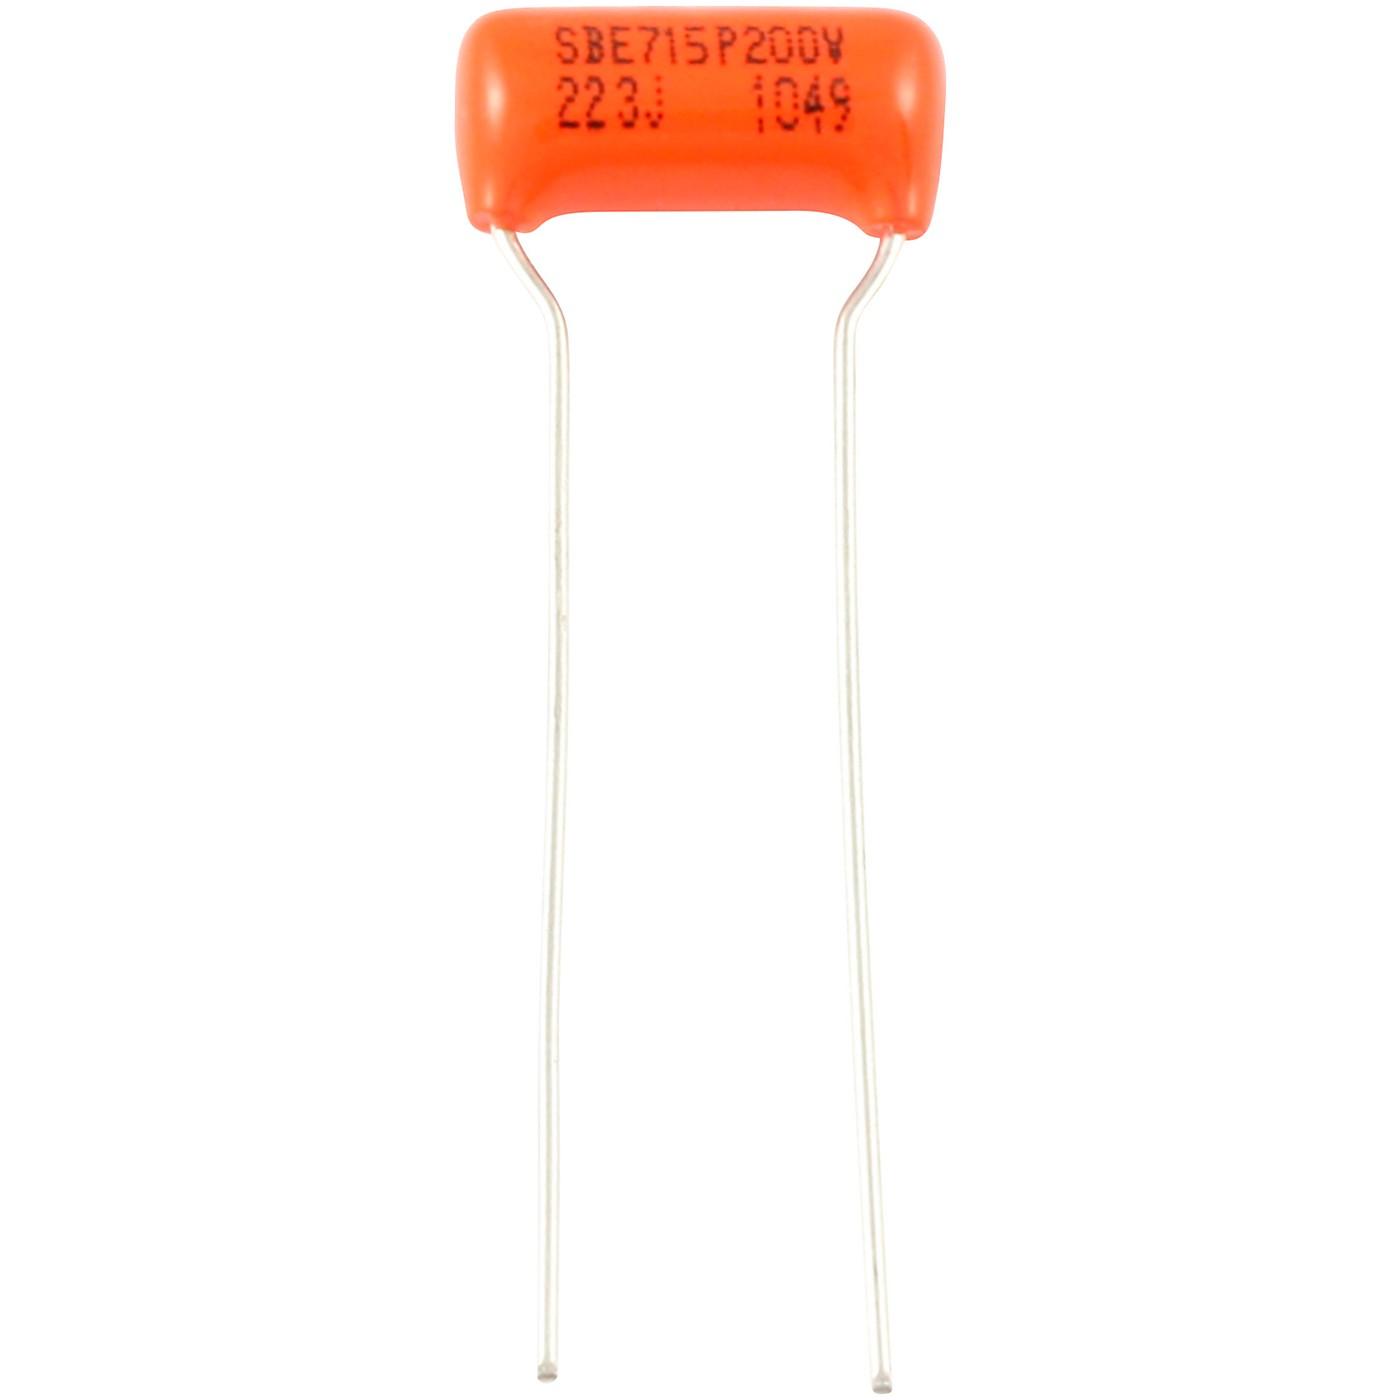 Allparts .022 MFD Orange Drop Capacitors (3 pieces) thumbnail